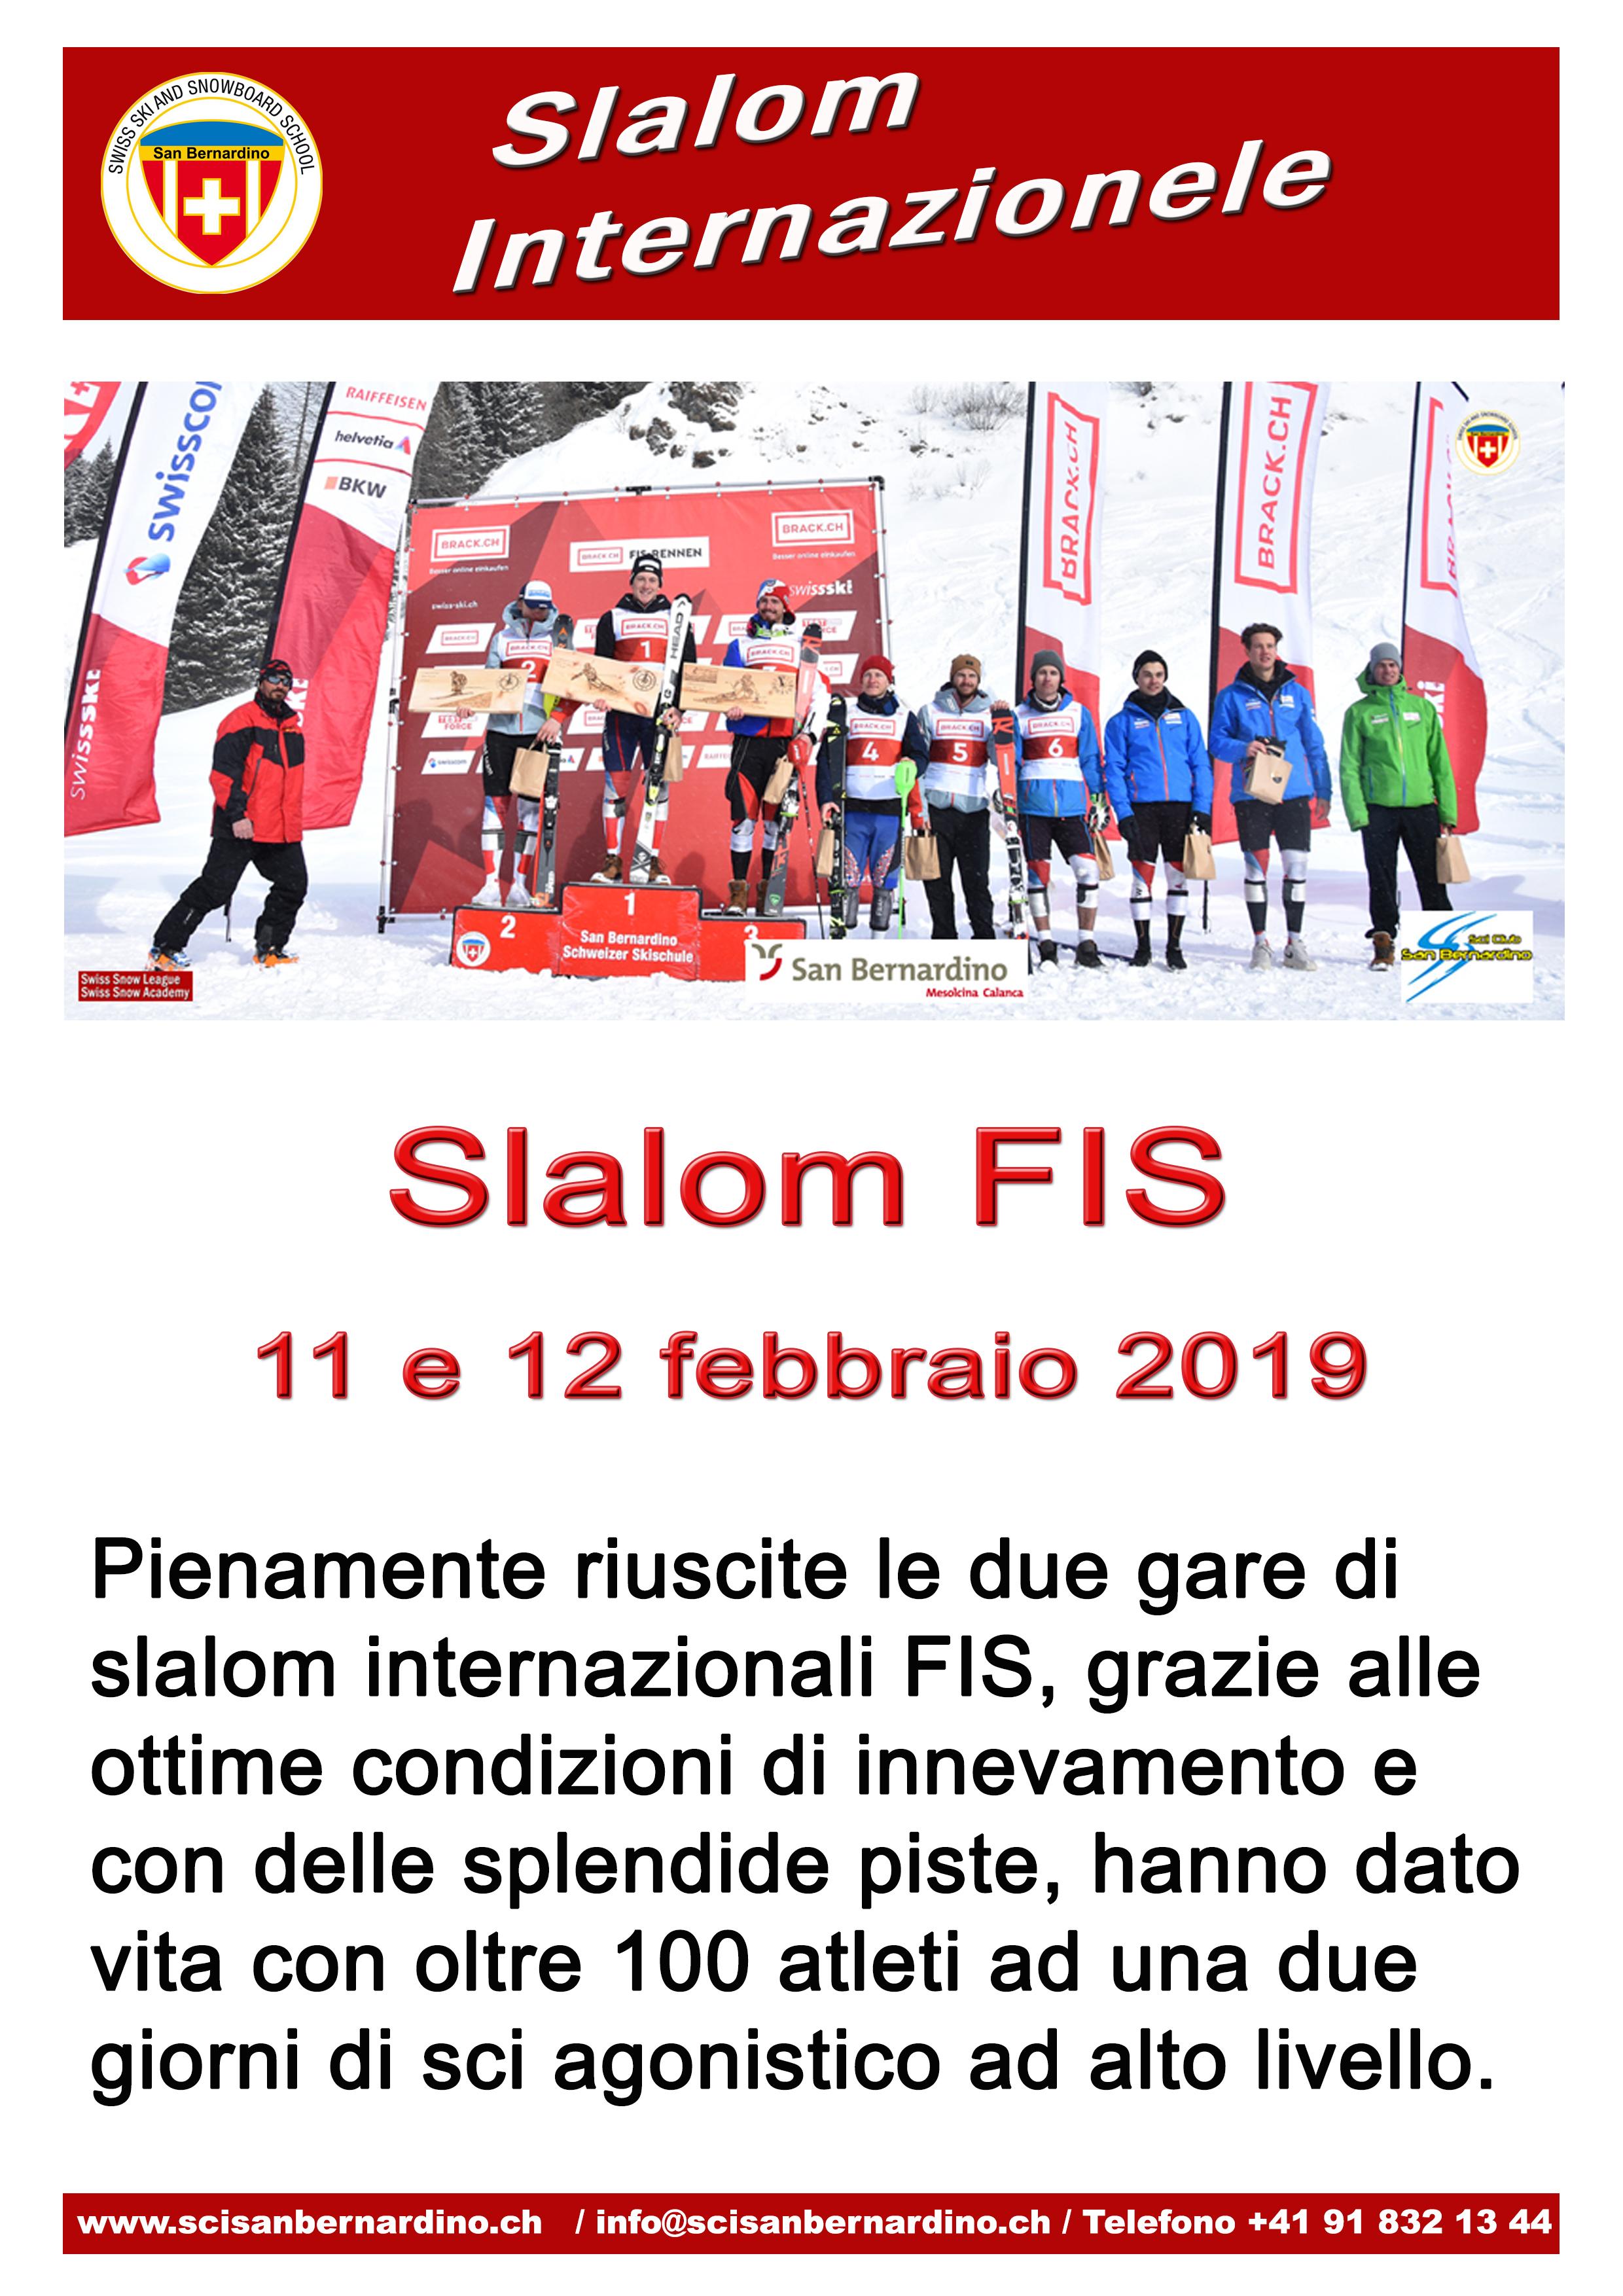 Slalom Internazionale FIS